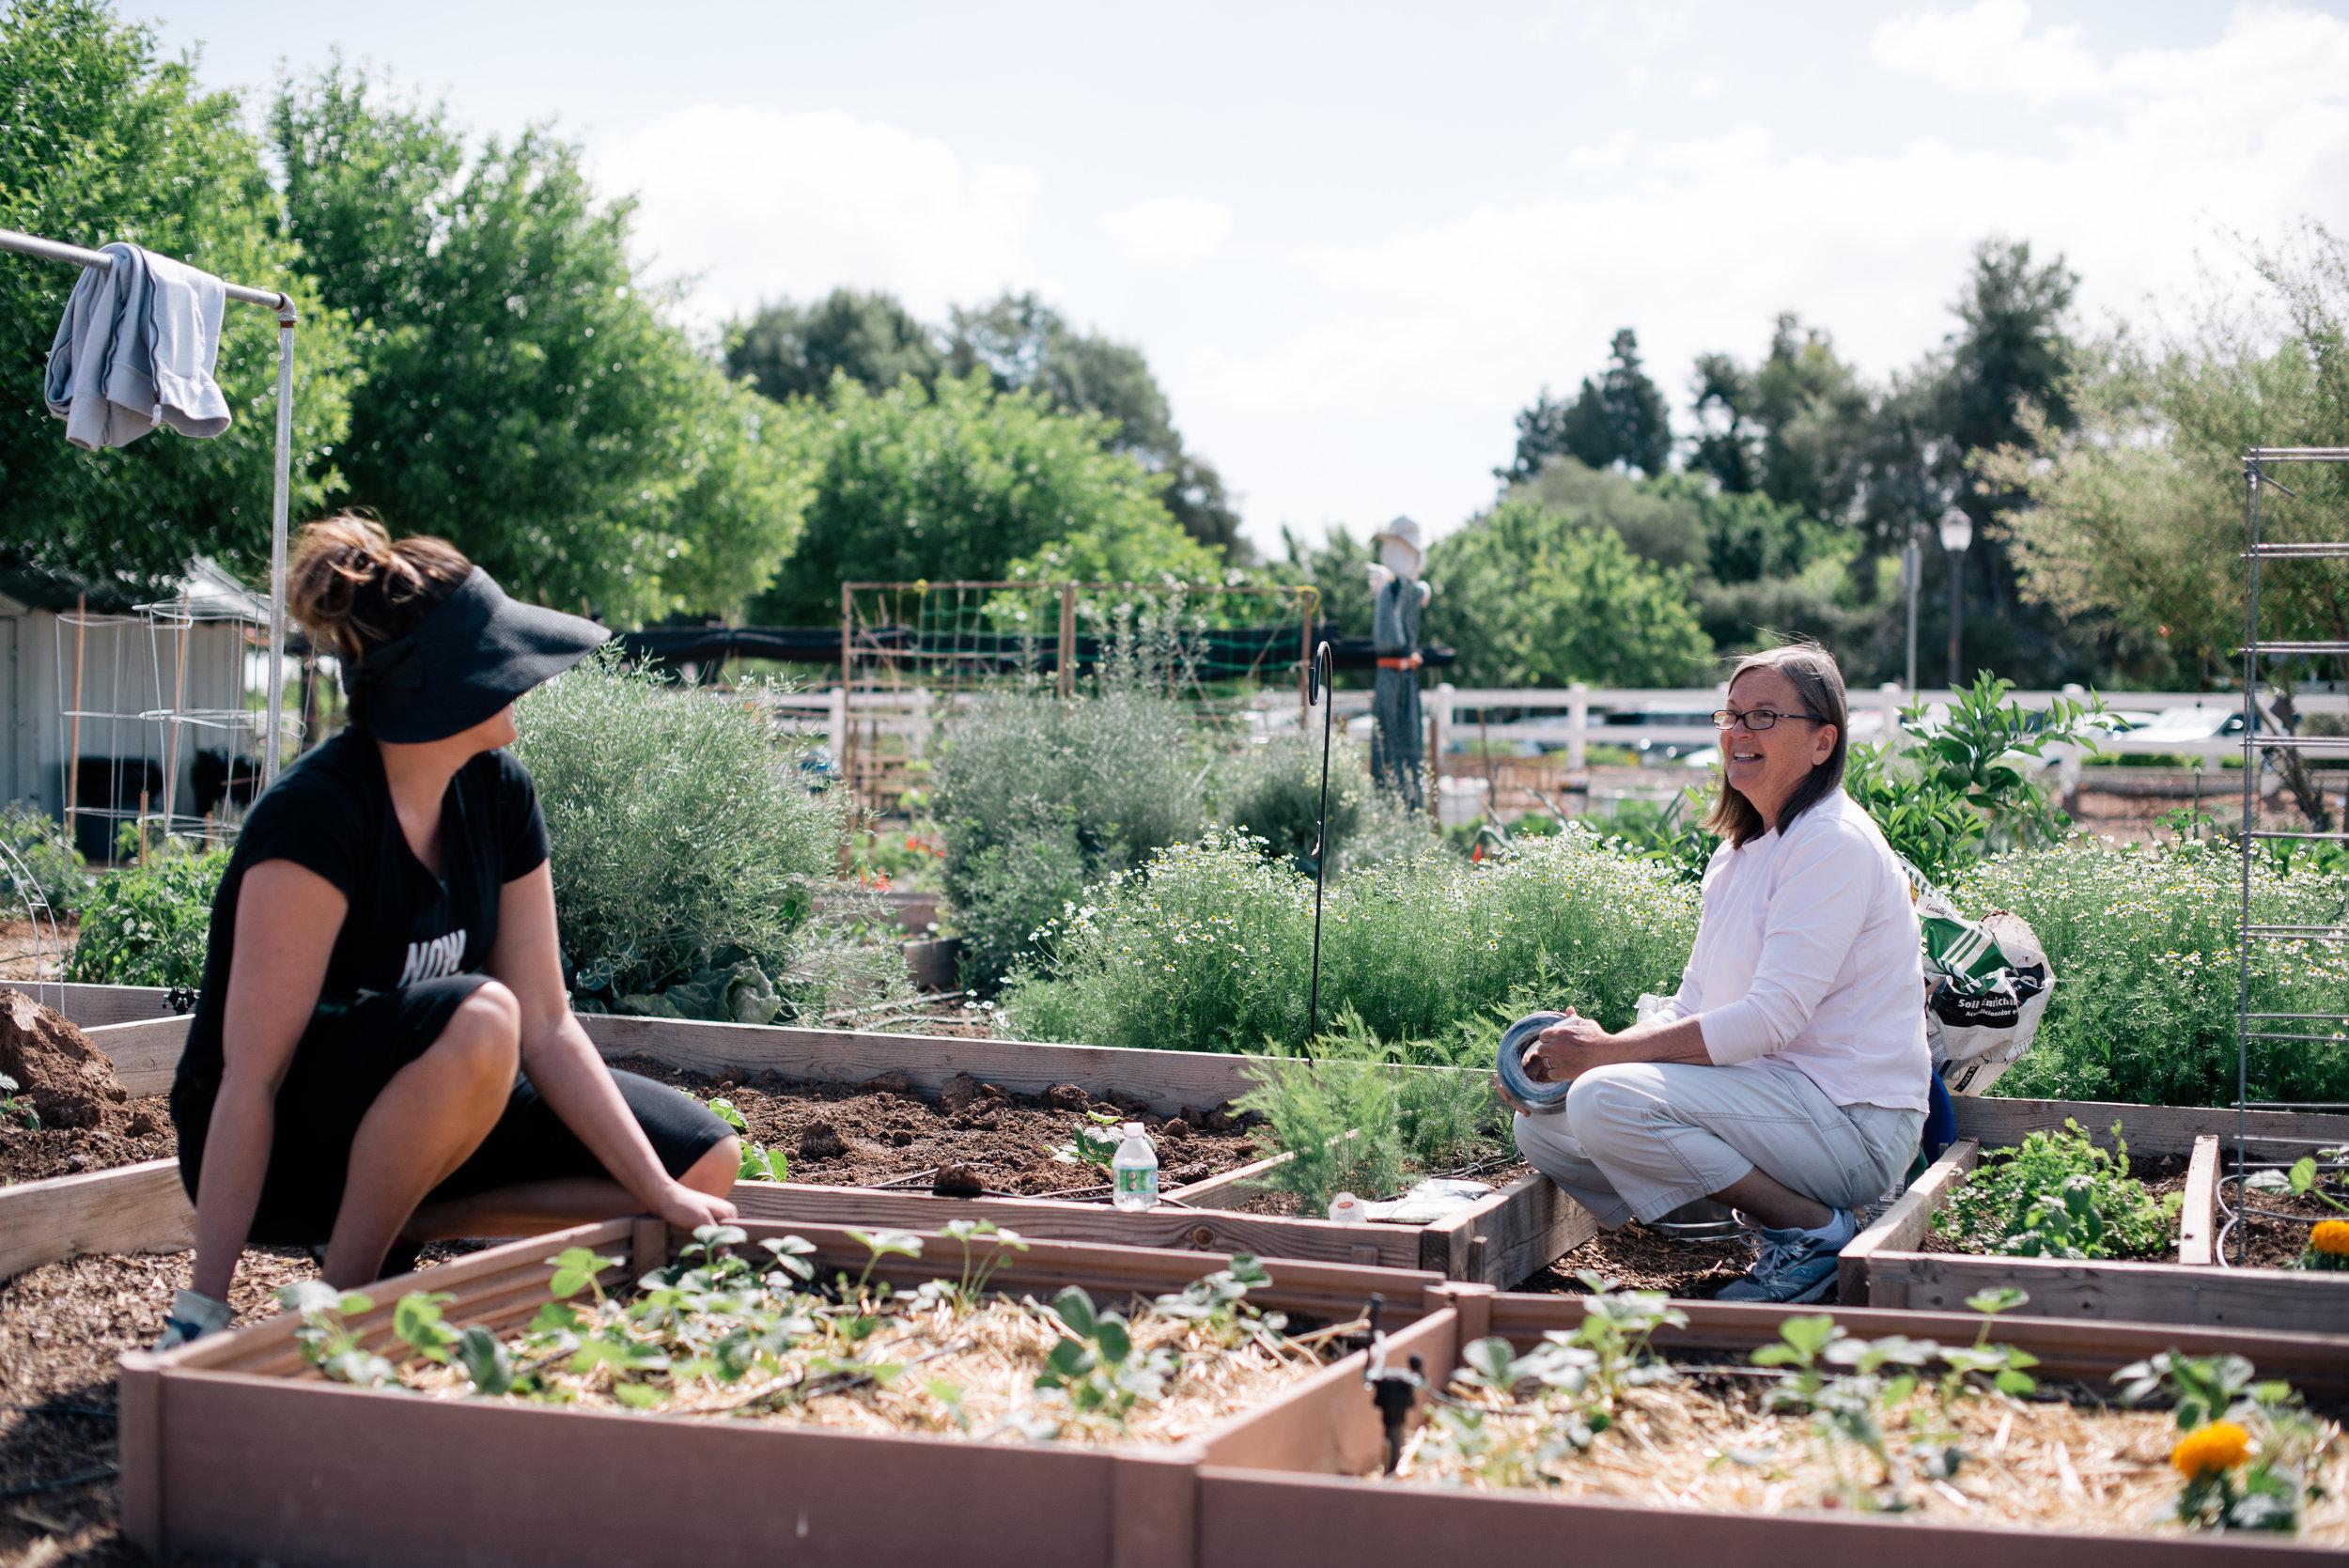 garden tid bits-2.jpg